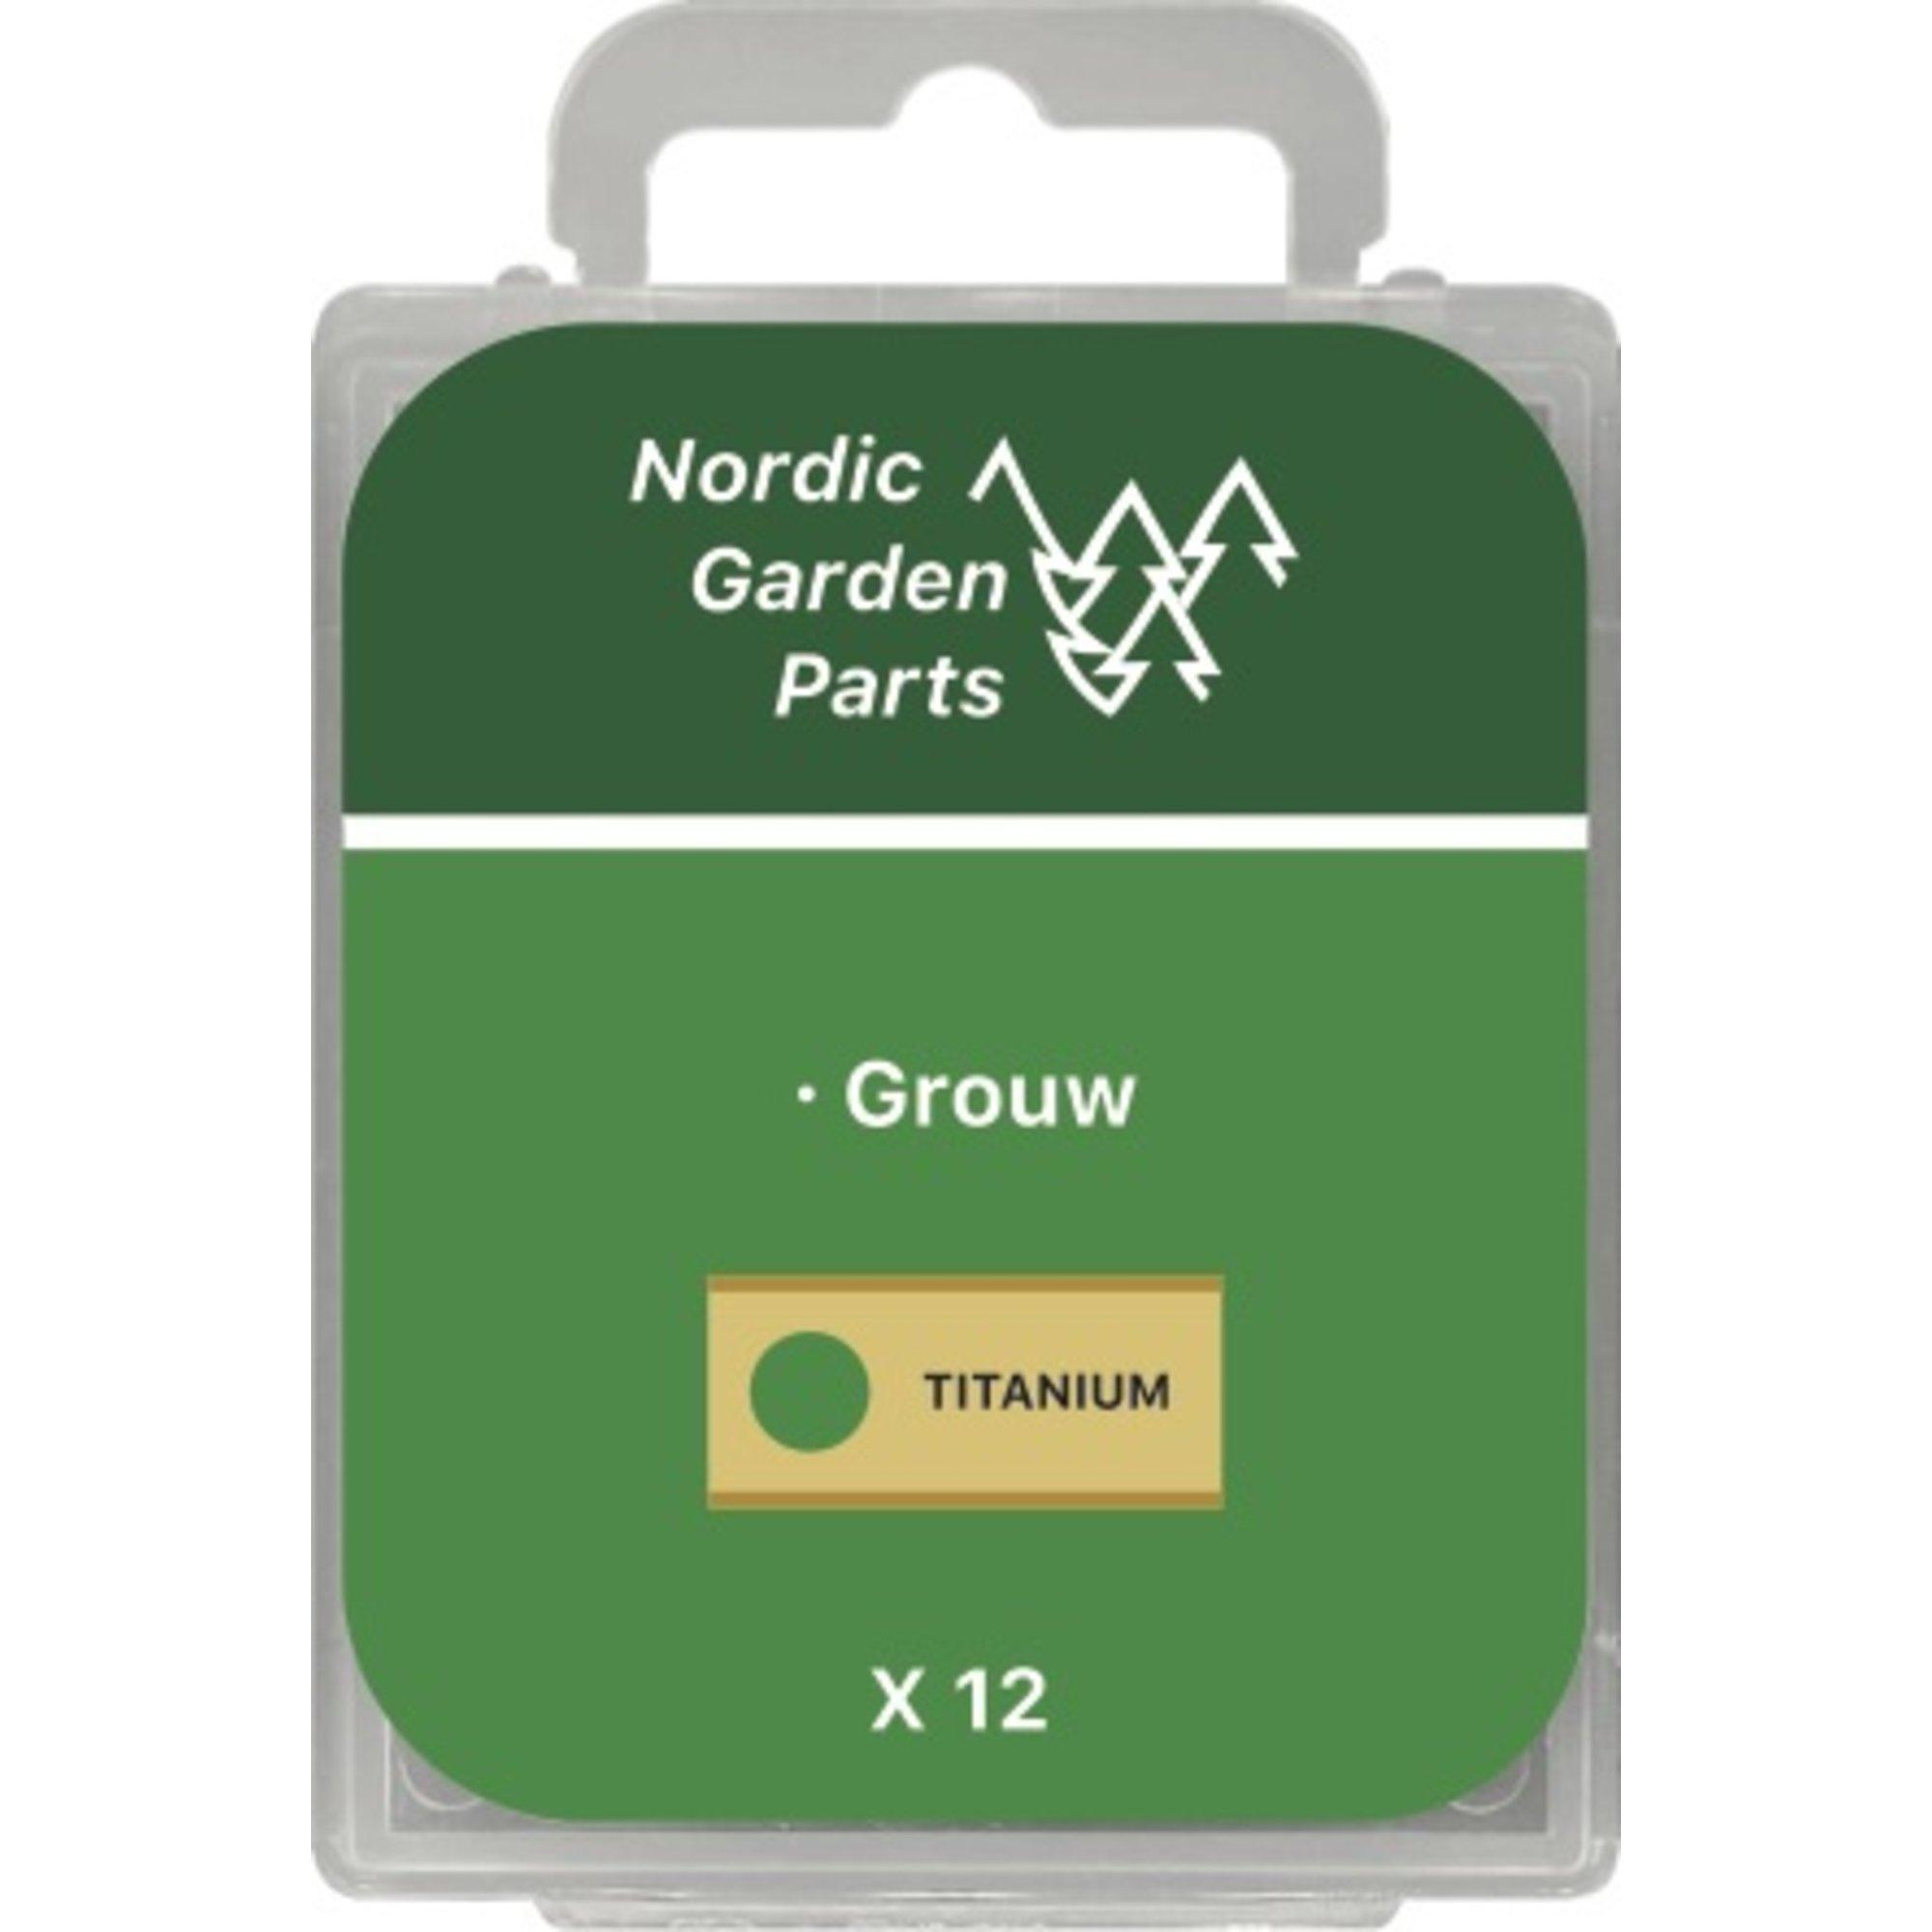 Nordic Garden Parts Rostfri stålkniv 0,9 mm. till Grouw 12 st.